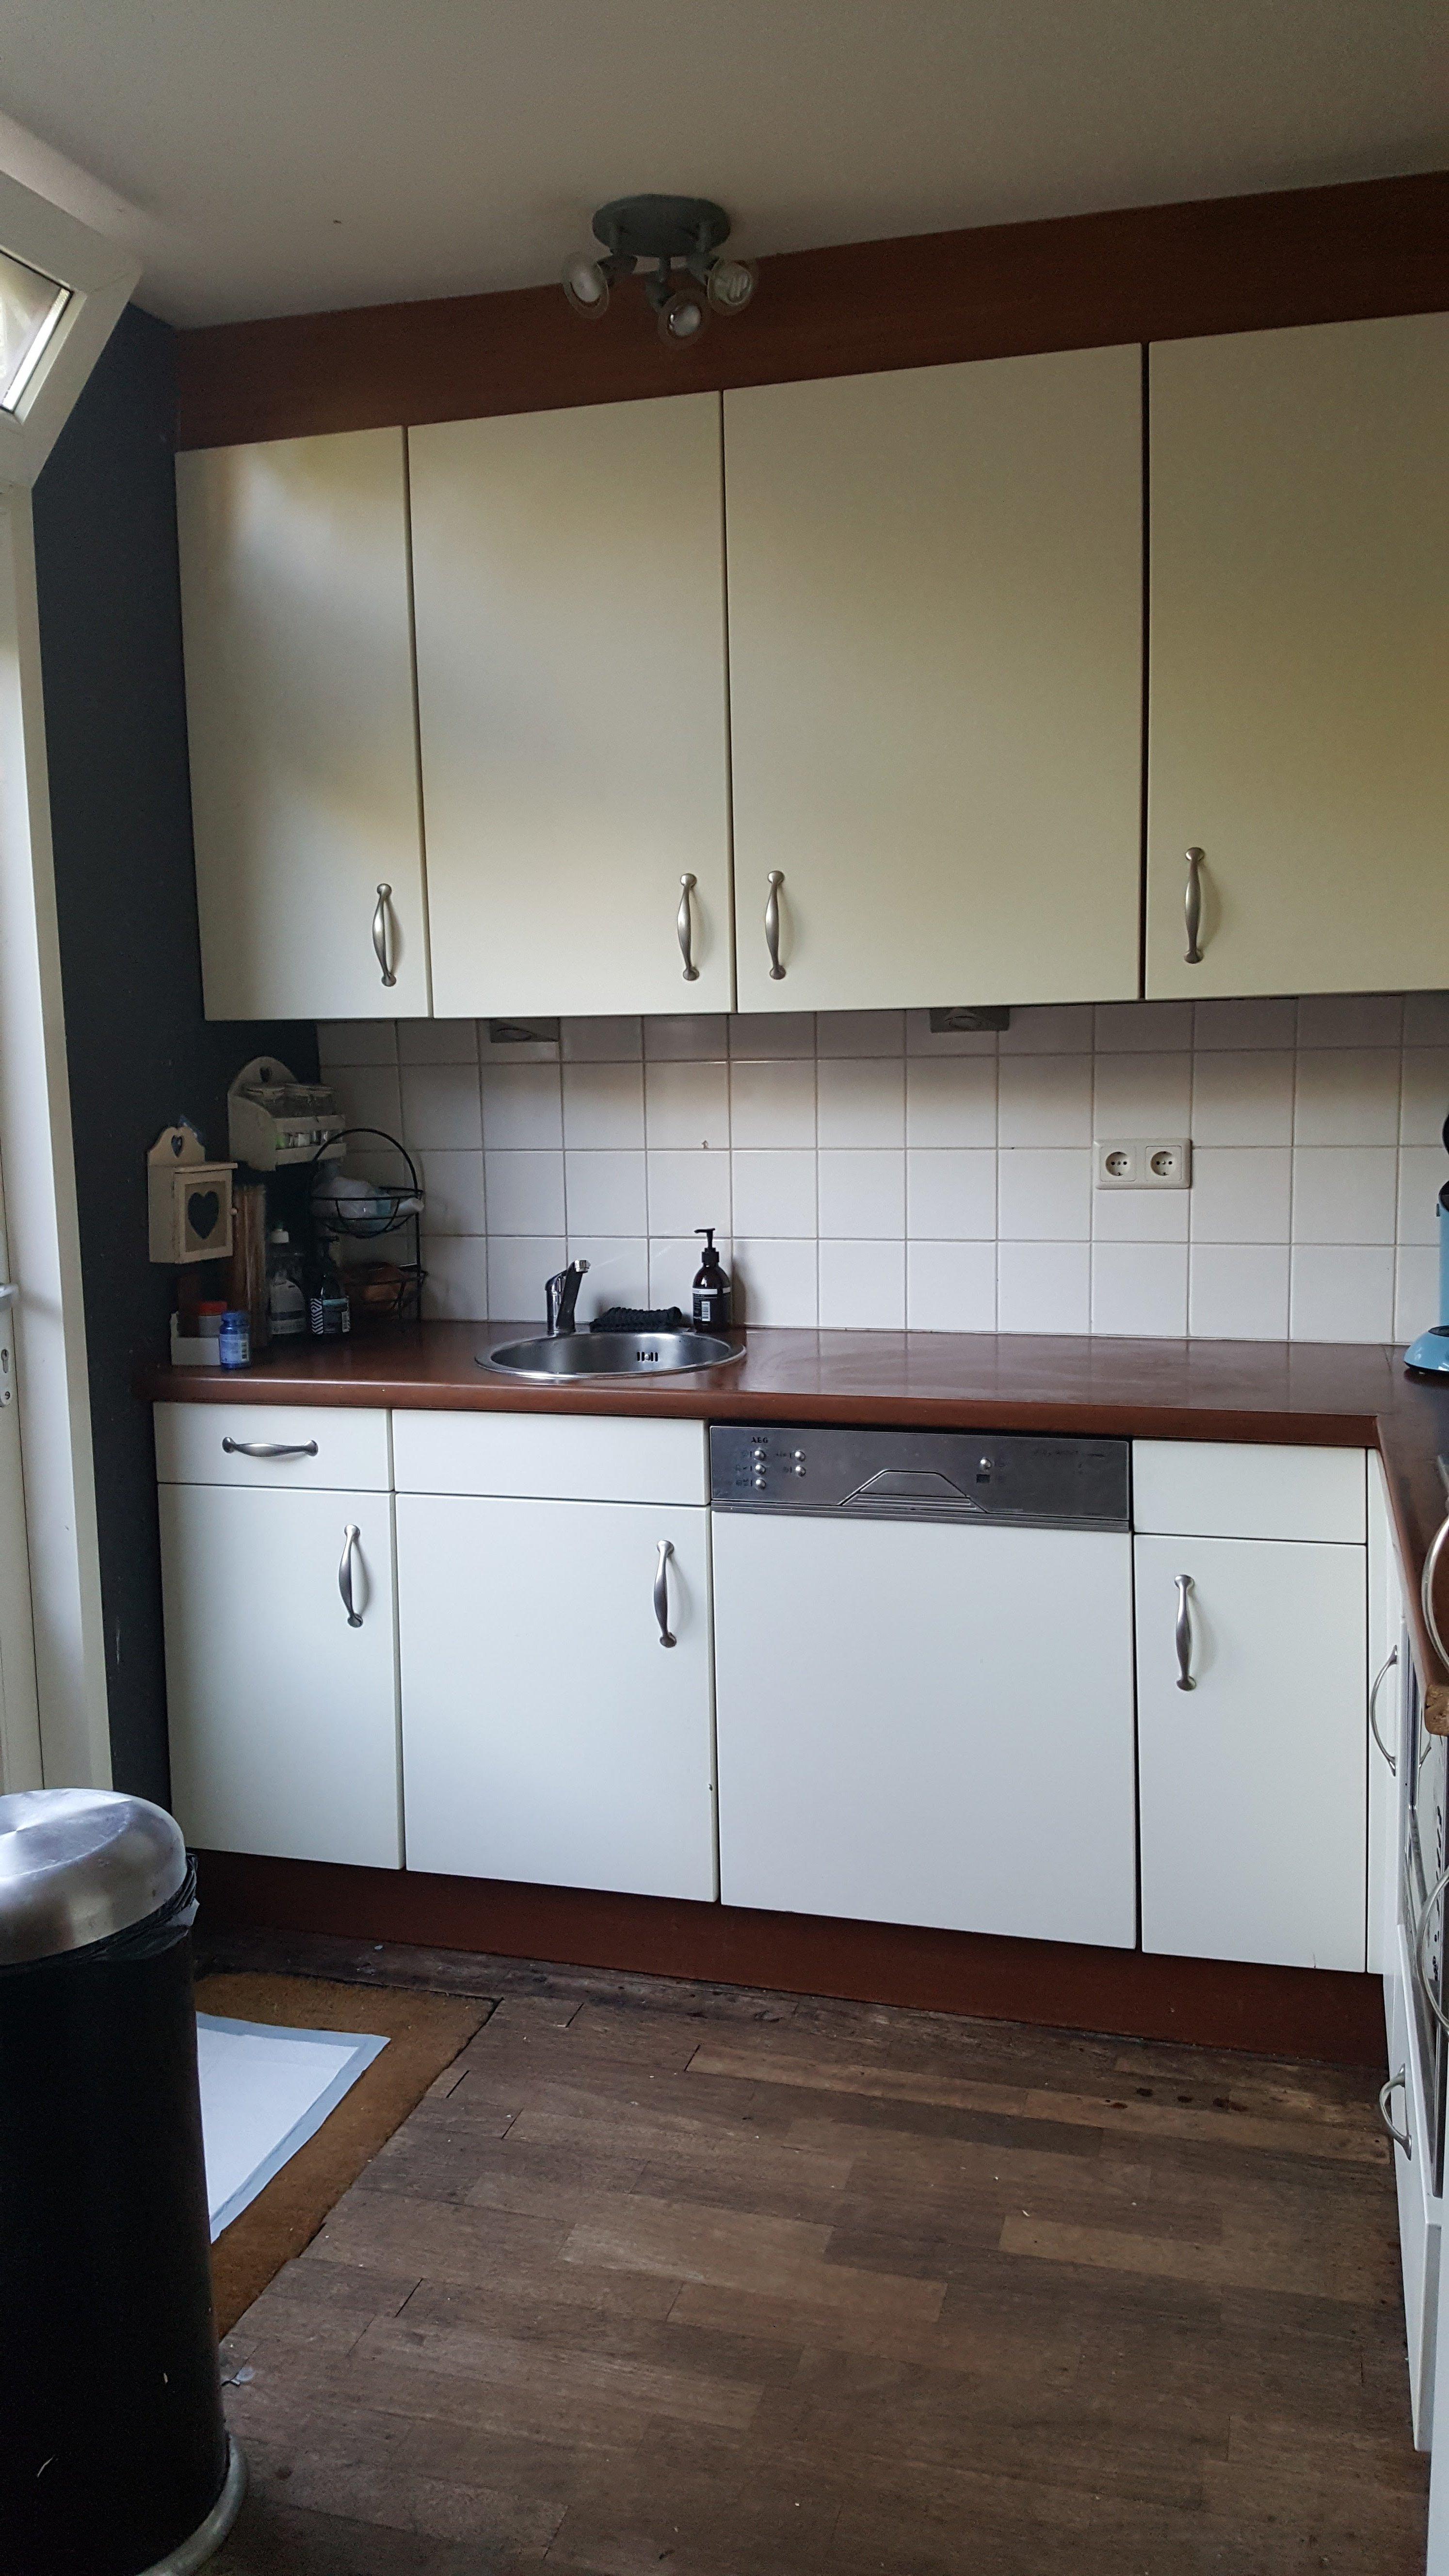 Nieuw Keuken make-over - LovestoHAVE UF-48